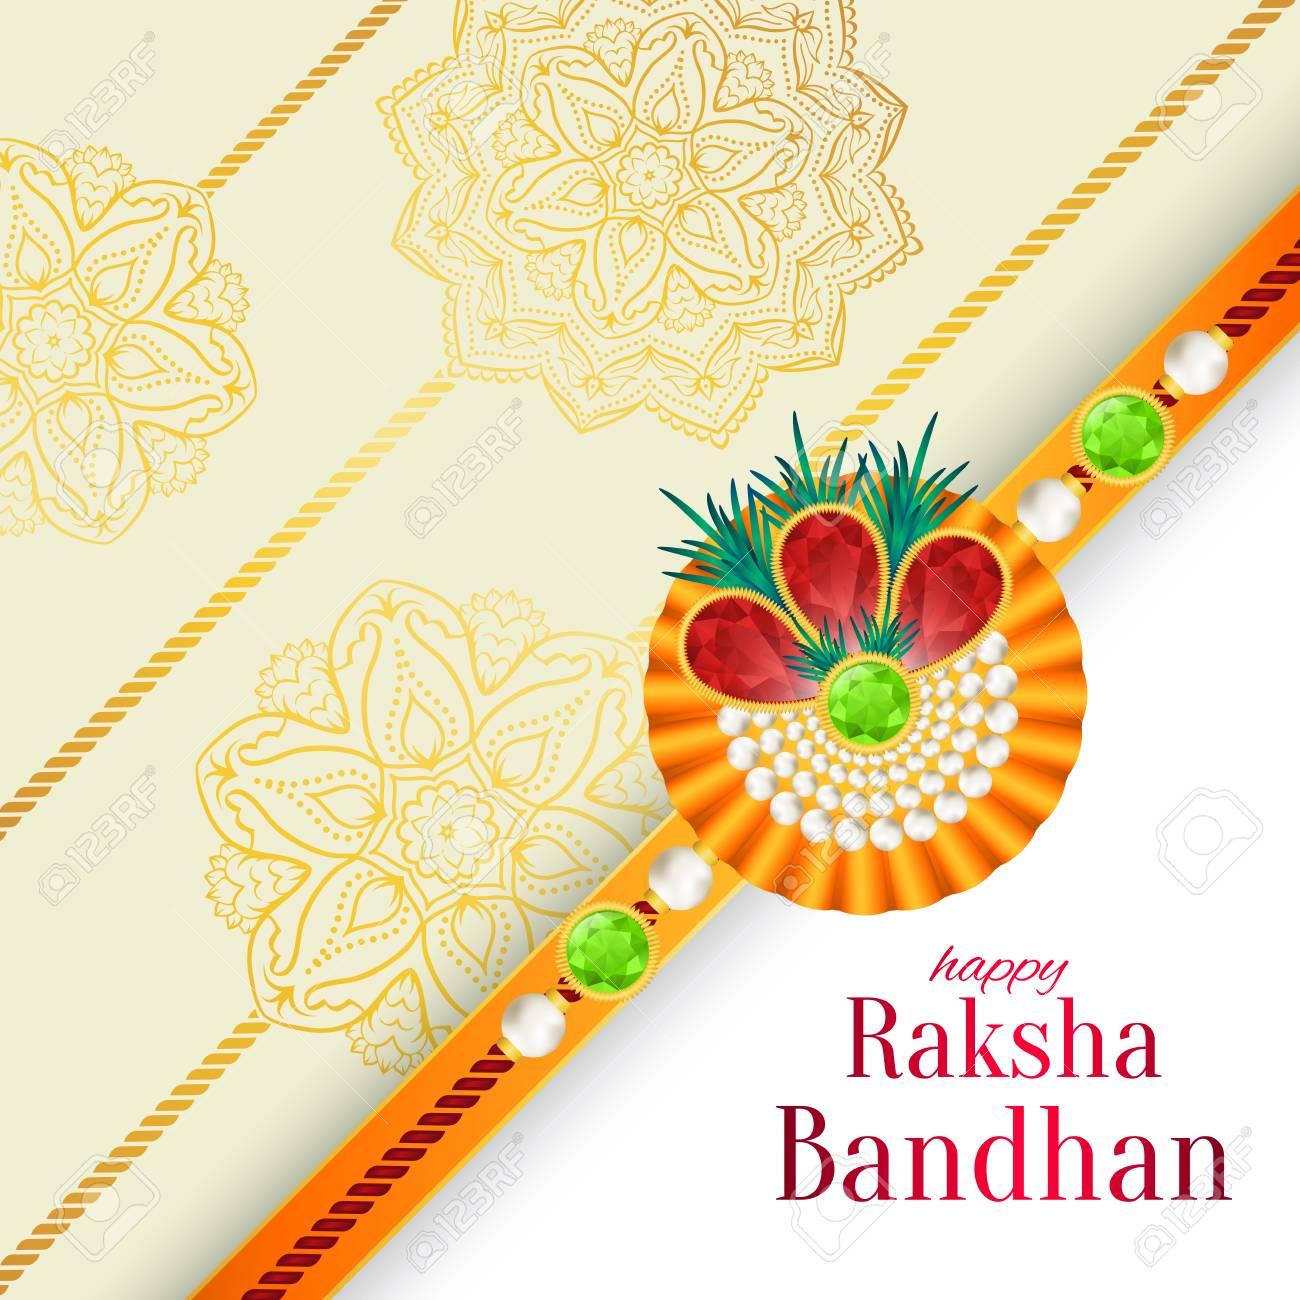 photo relating to Raksha Bandhan Printable Cards titled Raksha Bandhan vector historical past. Rakshabandhan greeting card..